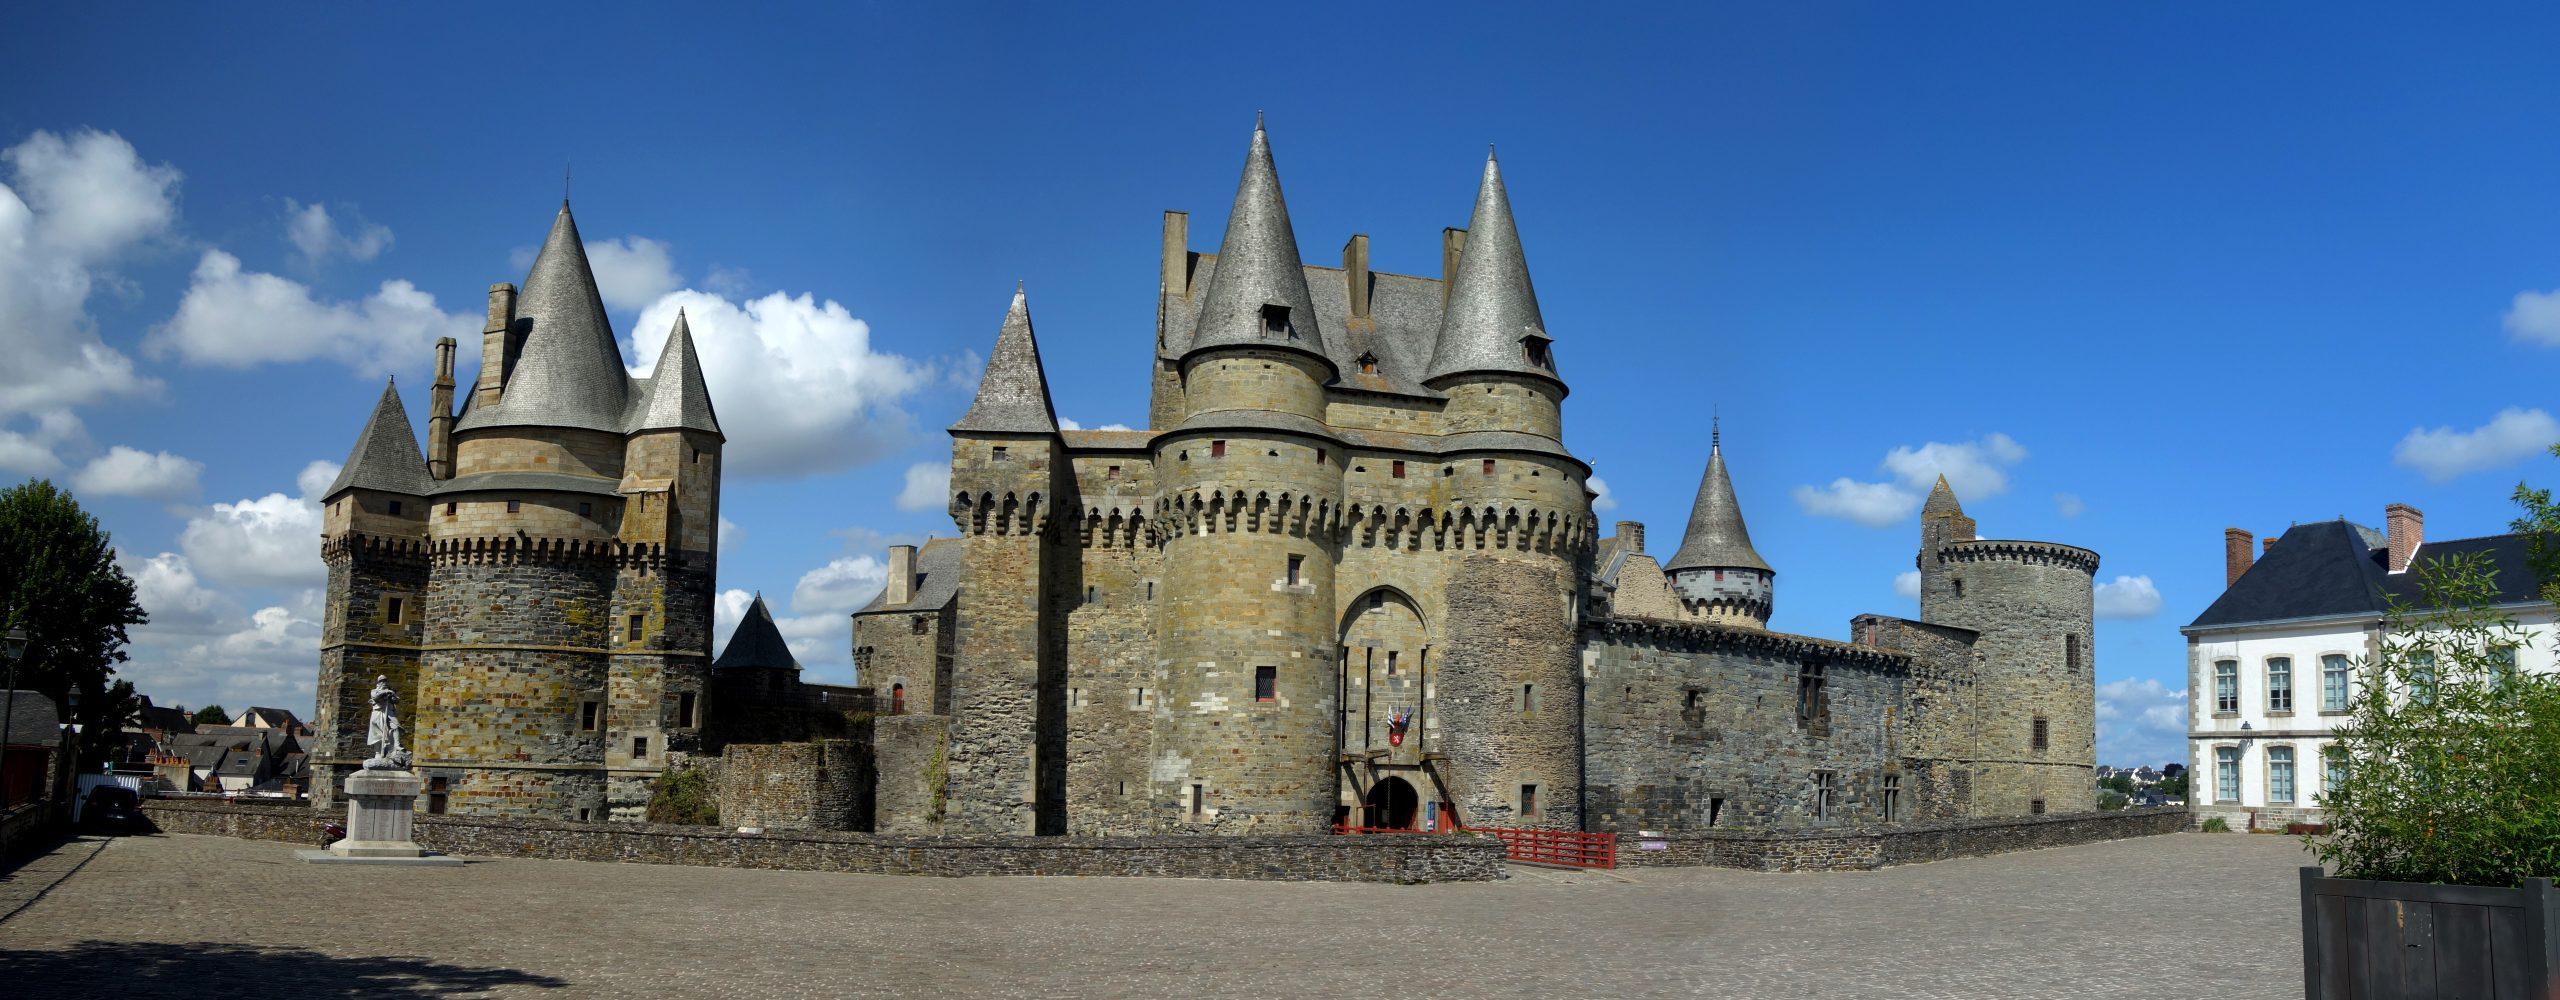 Château De Vitré — Wikipédia intérieur Image De Chateau Fort A Imprimer